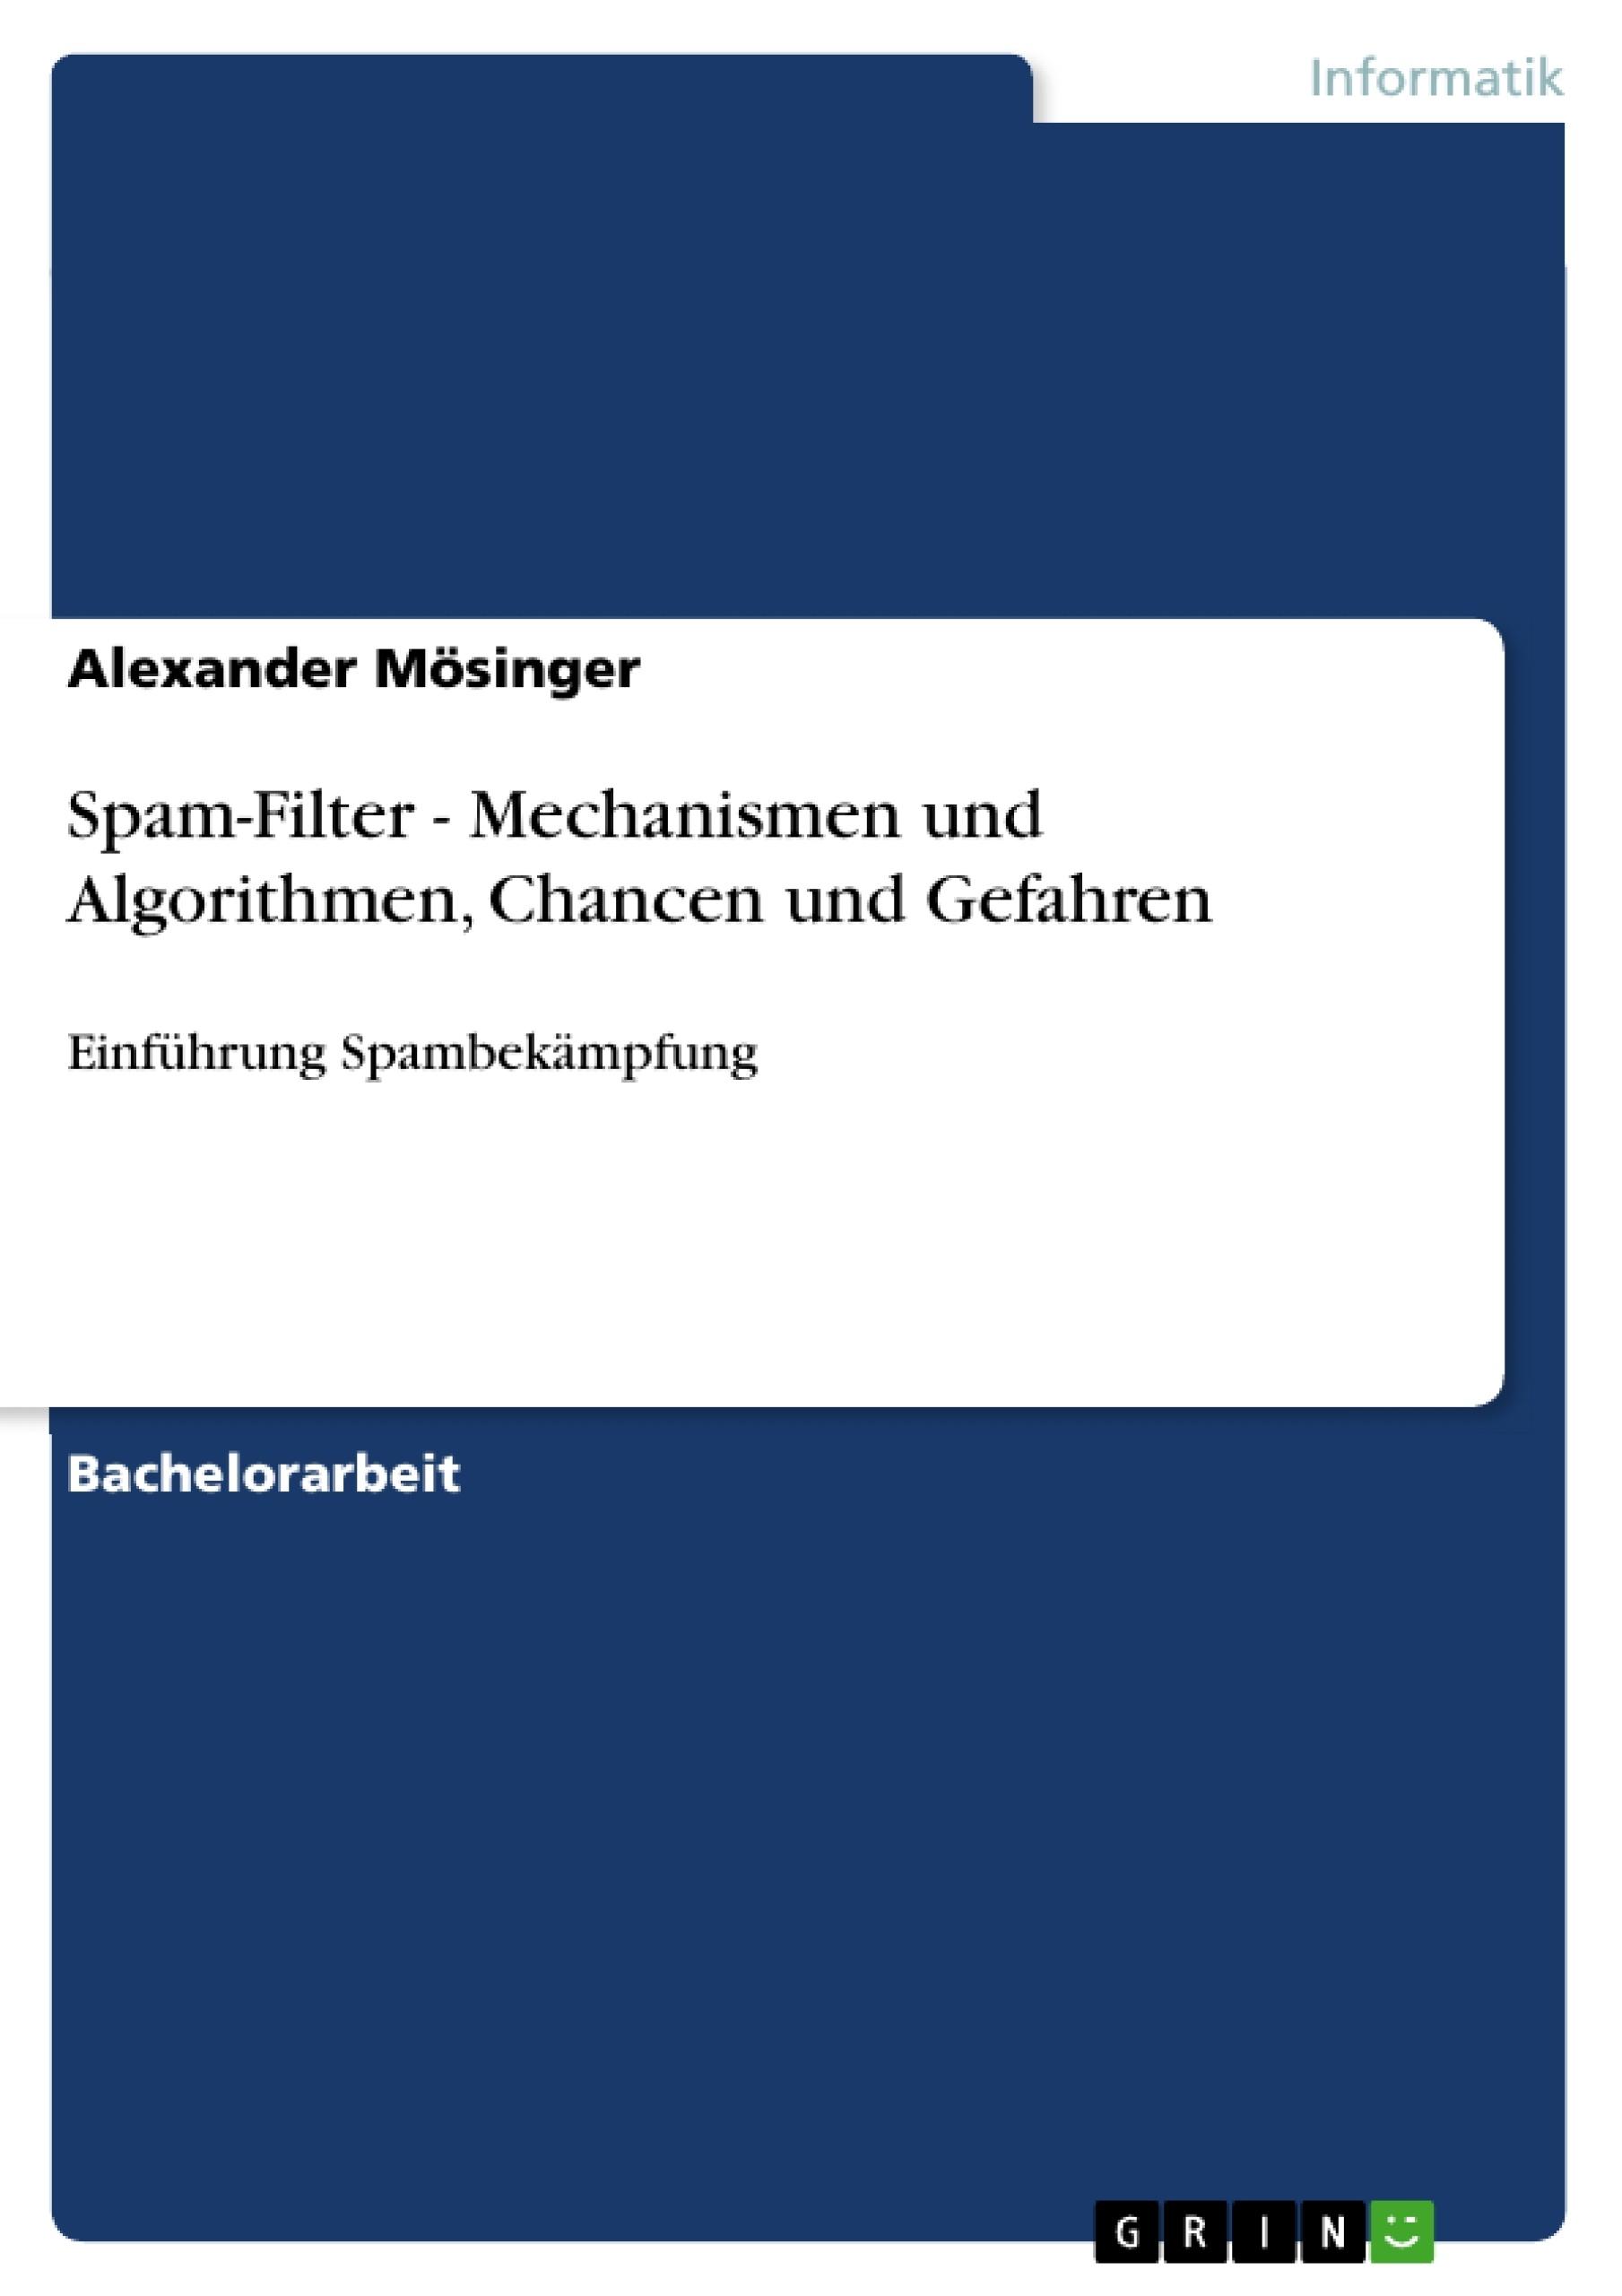 Titel: Spam-Filter - Mechanismen und Algorithmen, Chancen und Gefahren